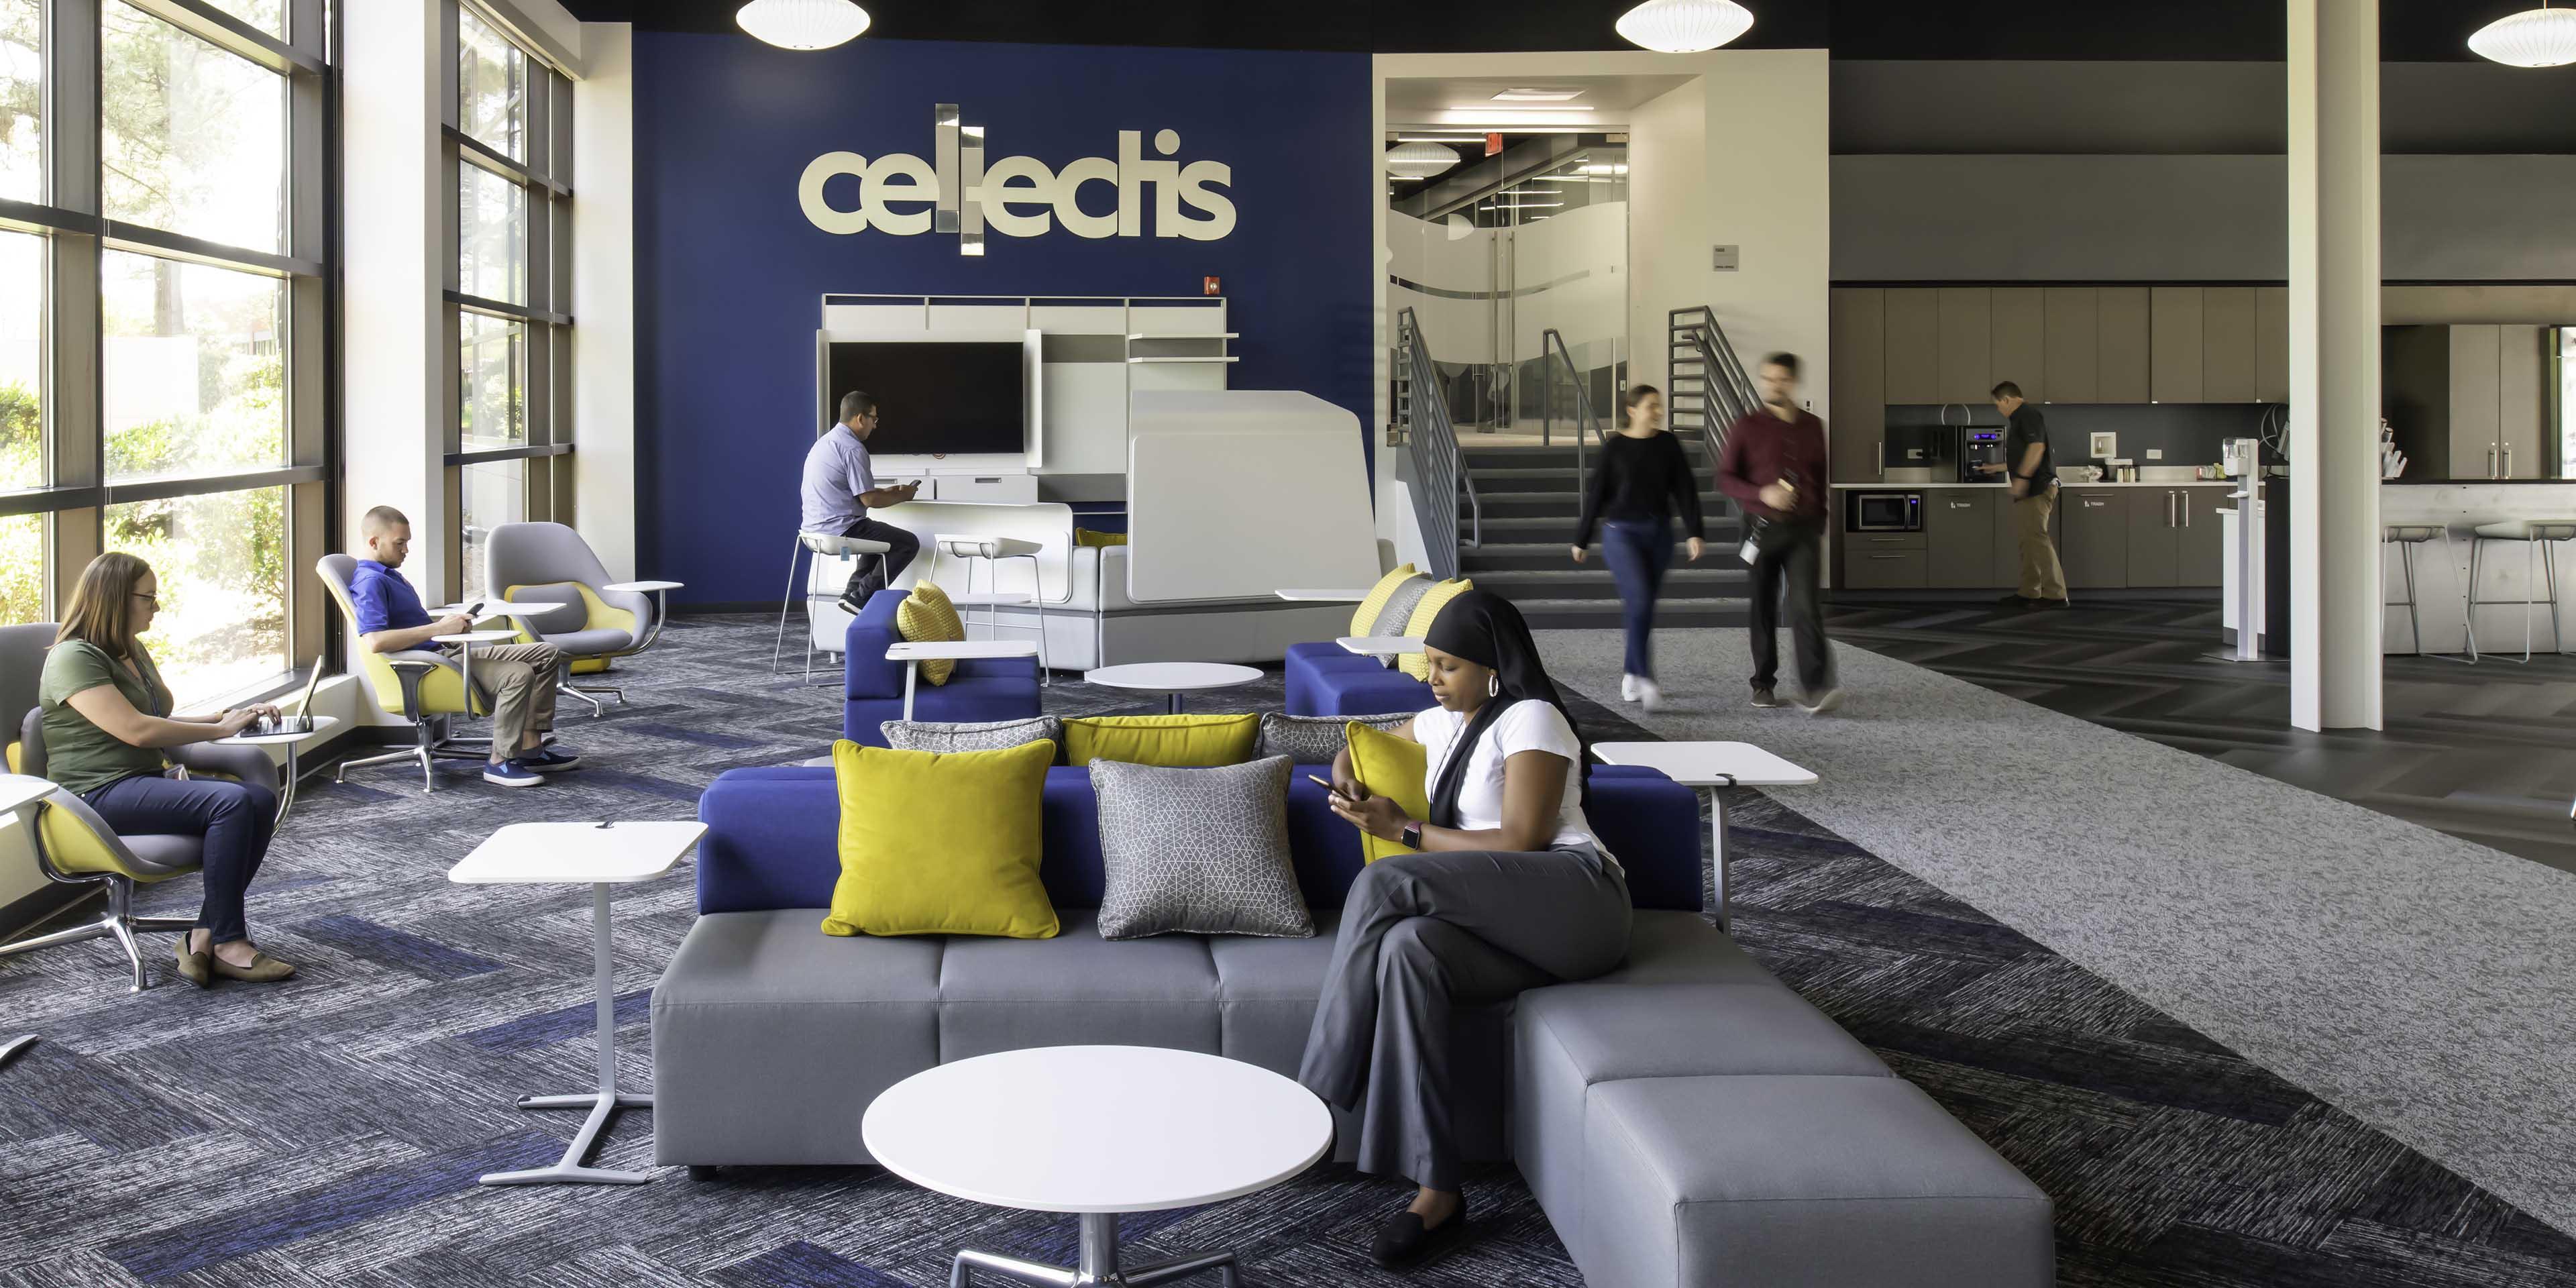 Cellectis lobby design - Raleigh, North Carolina